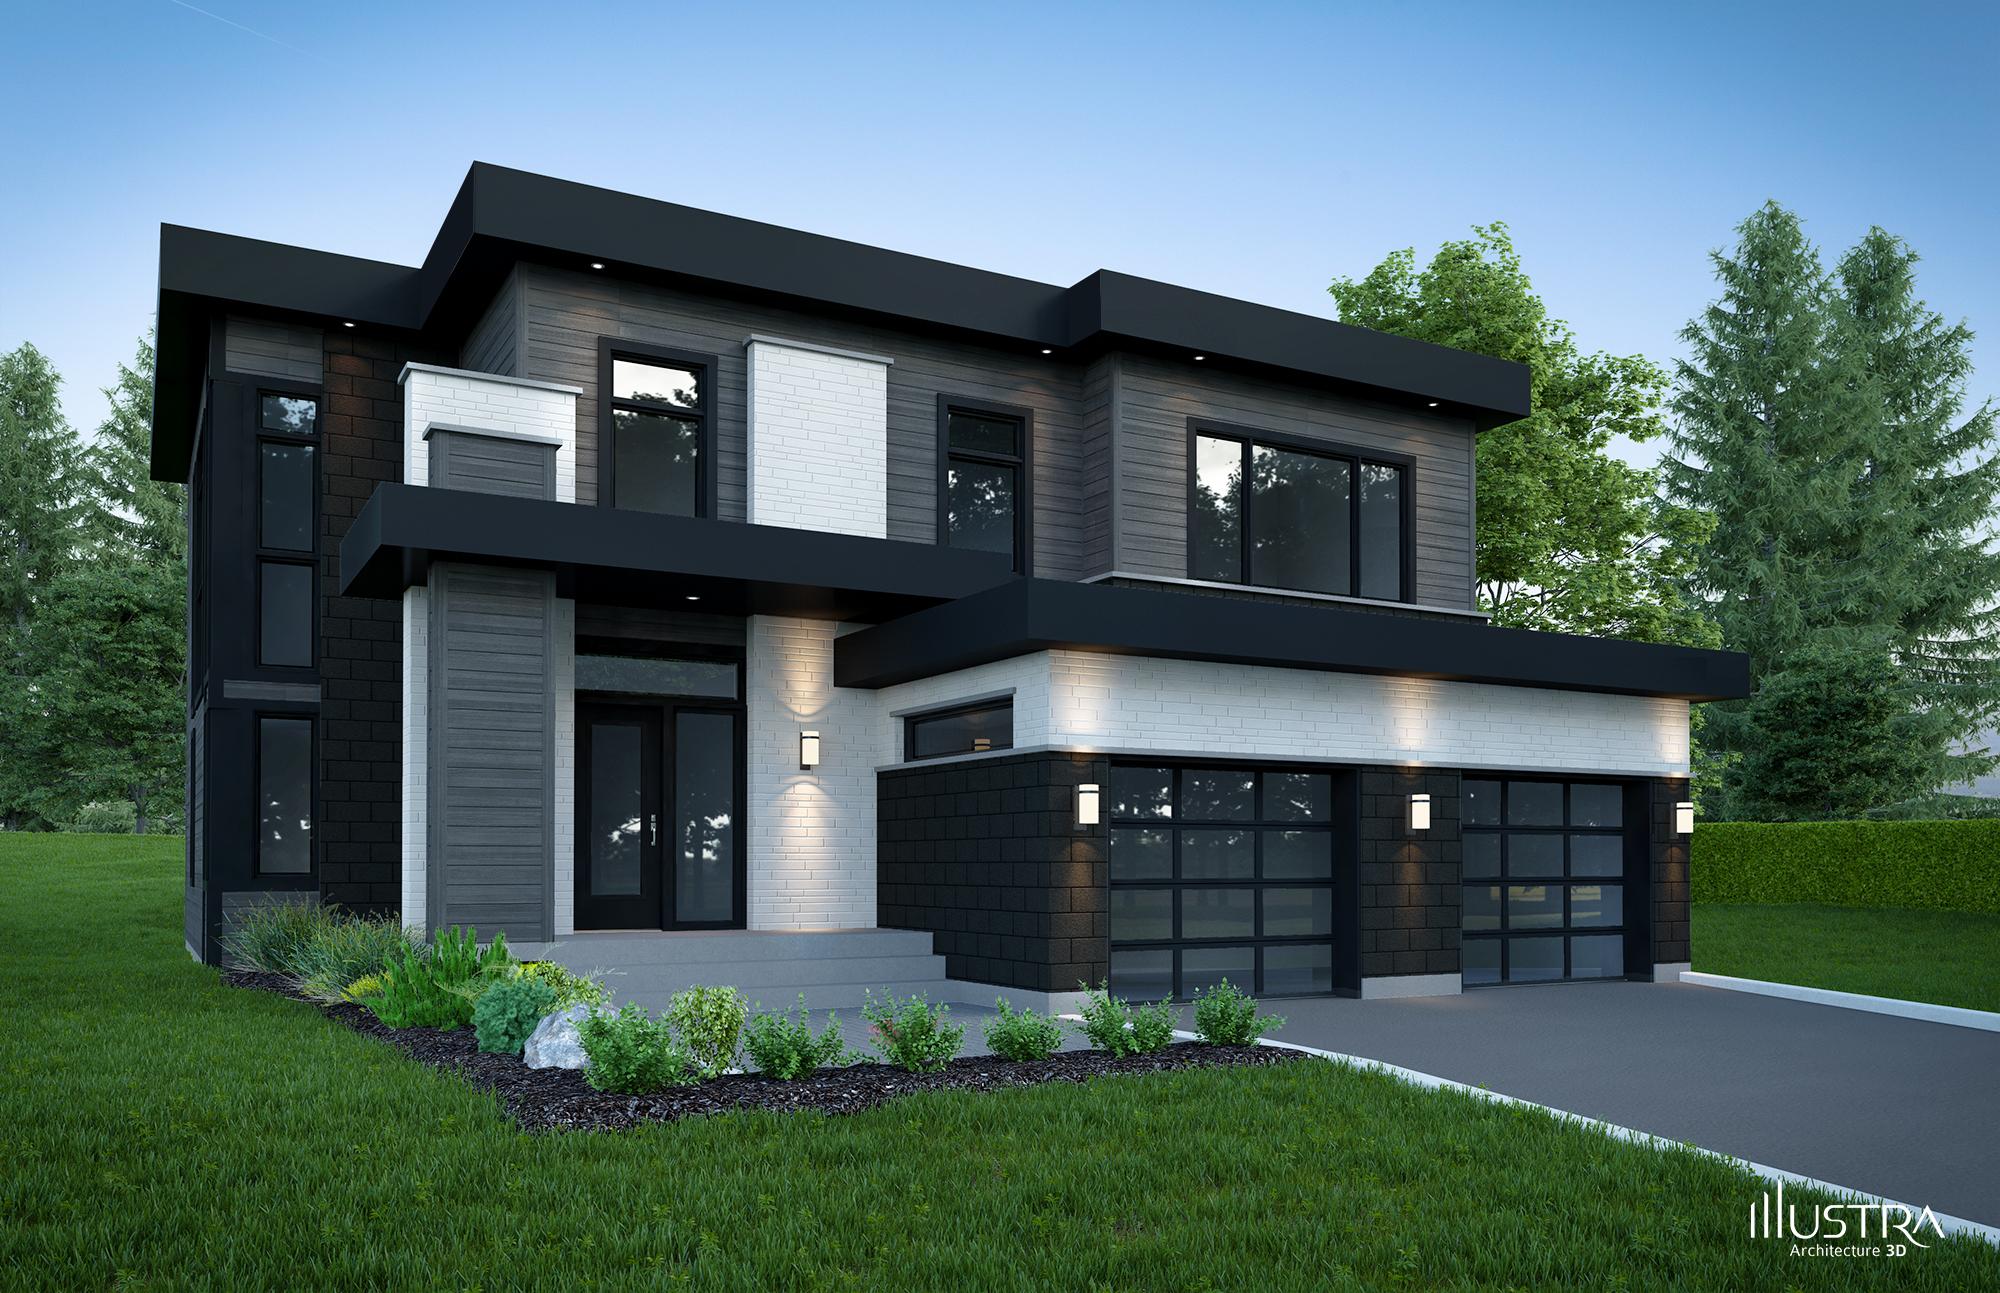 Plan de maison moderne avec garage id es de travaux - Plans de maisons modernes ...